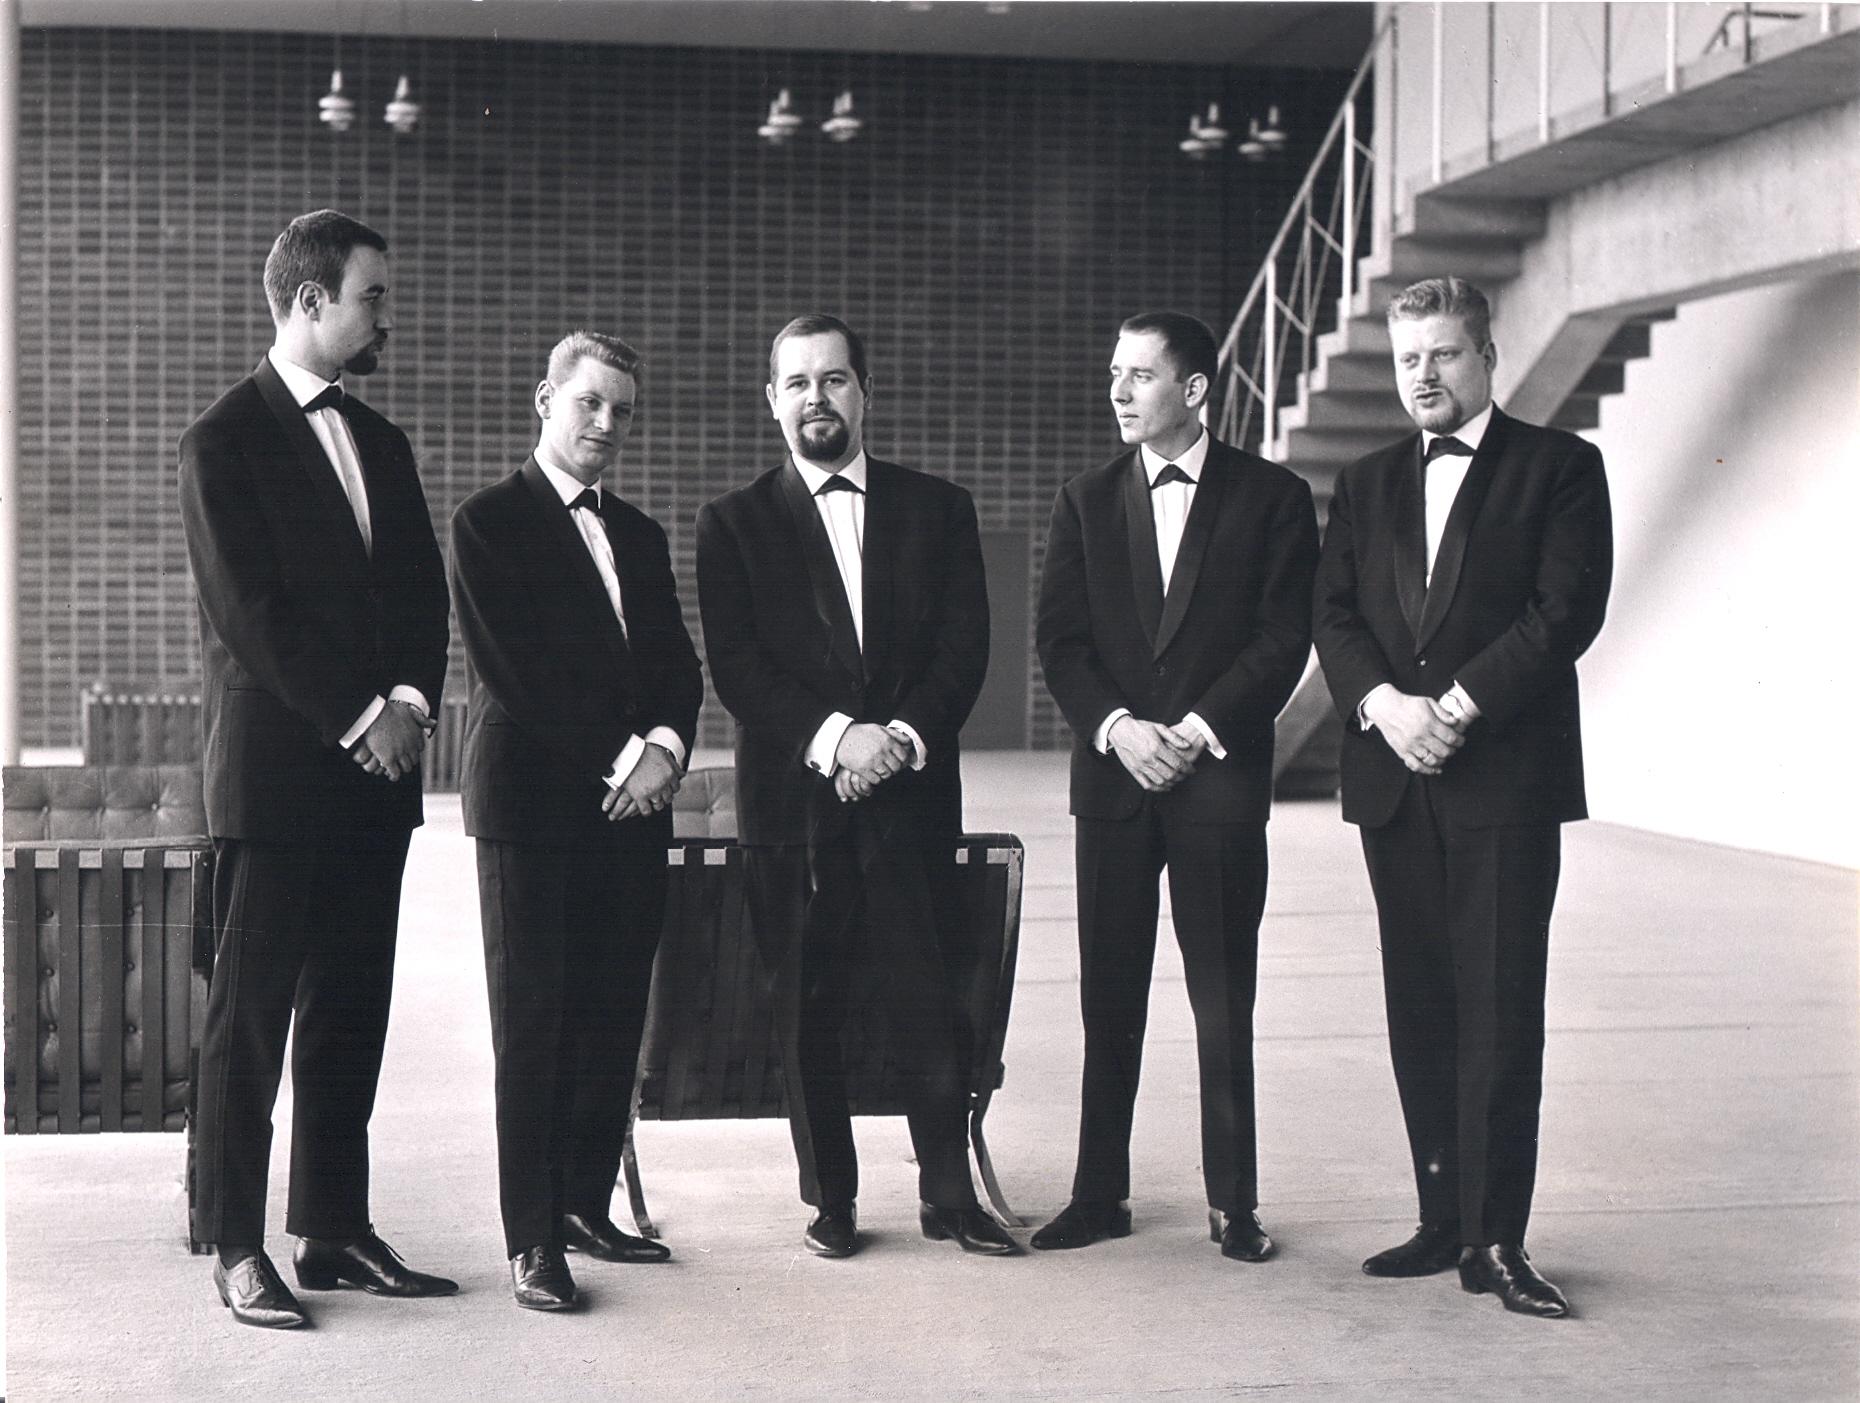 Das Michael Naura Quintett 1961 (Schlüter 2. von Links). Fotocredit: Wolfgang Schlüter